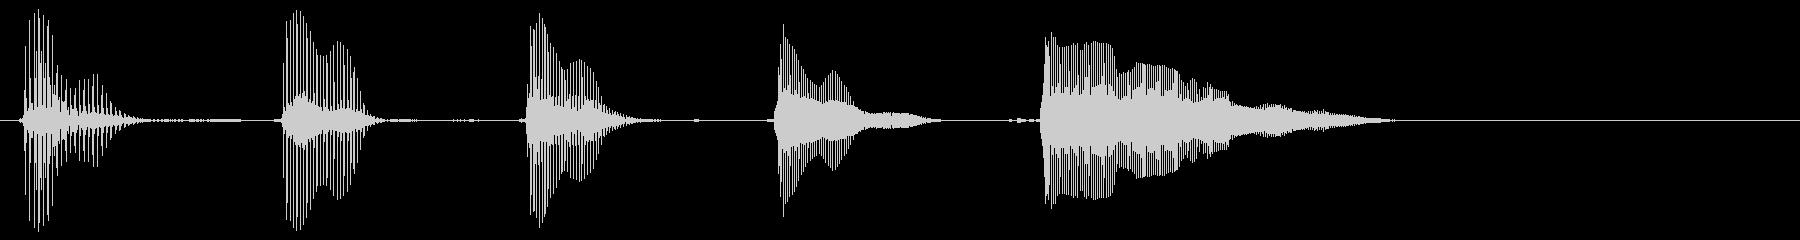 バリトンサックス:スニーキーアクセ...の未再生の波形